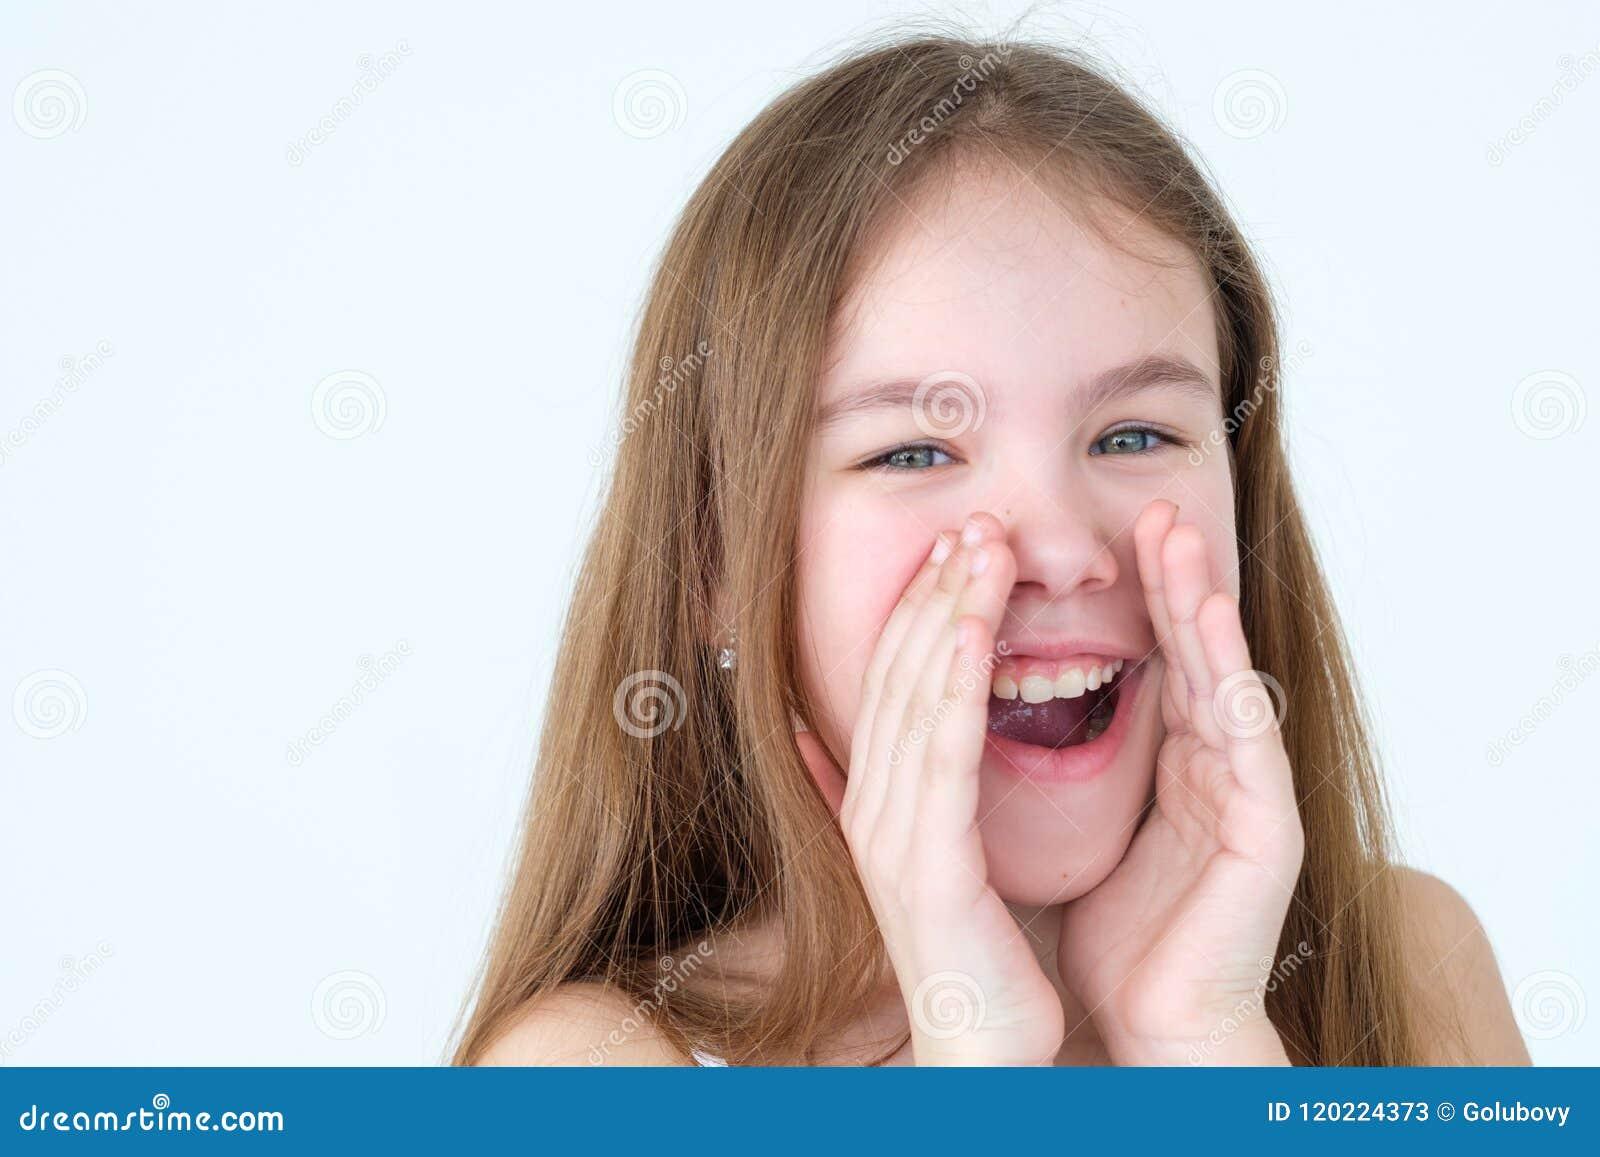 Δυνατό megaphone στοματικής κραυγής χεριών φλυτζανιών παιδιών συγκίνησης